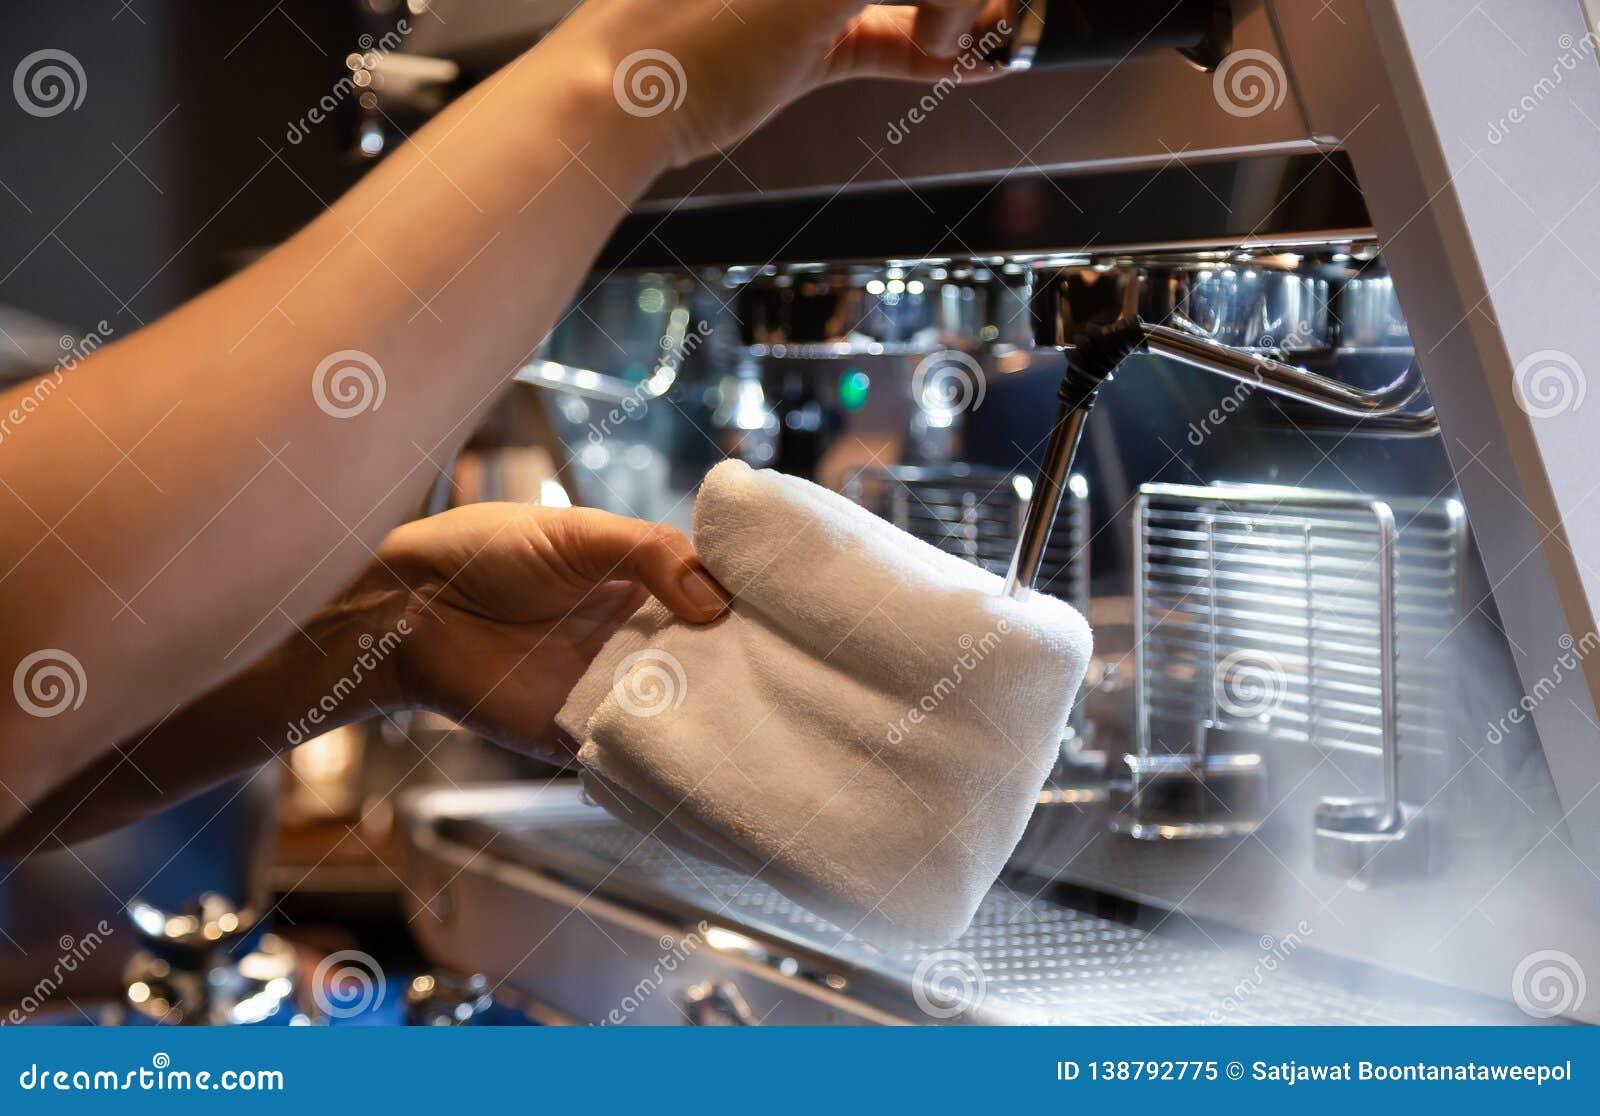 Χέρι του καθαρίζοντας γάλακτος barista frother της μηχανής καφέ για να είναι έτοιμος για να αφρίσει γάλακτος